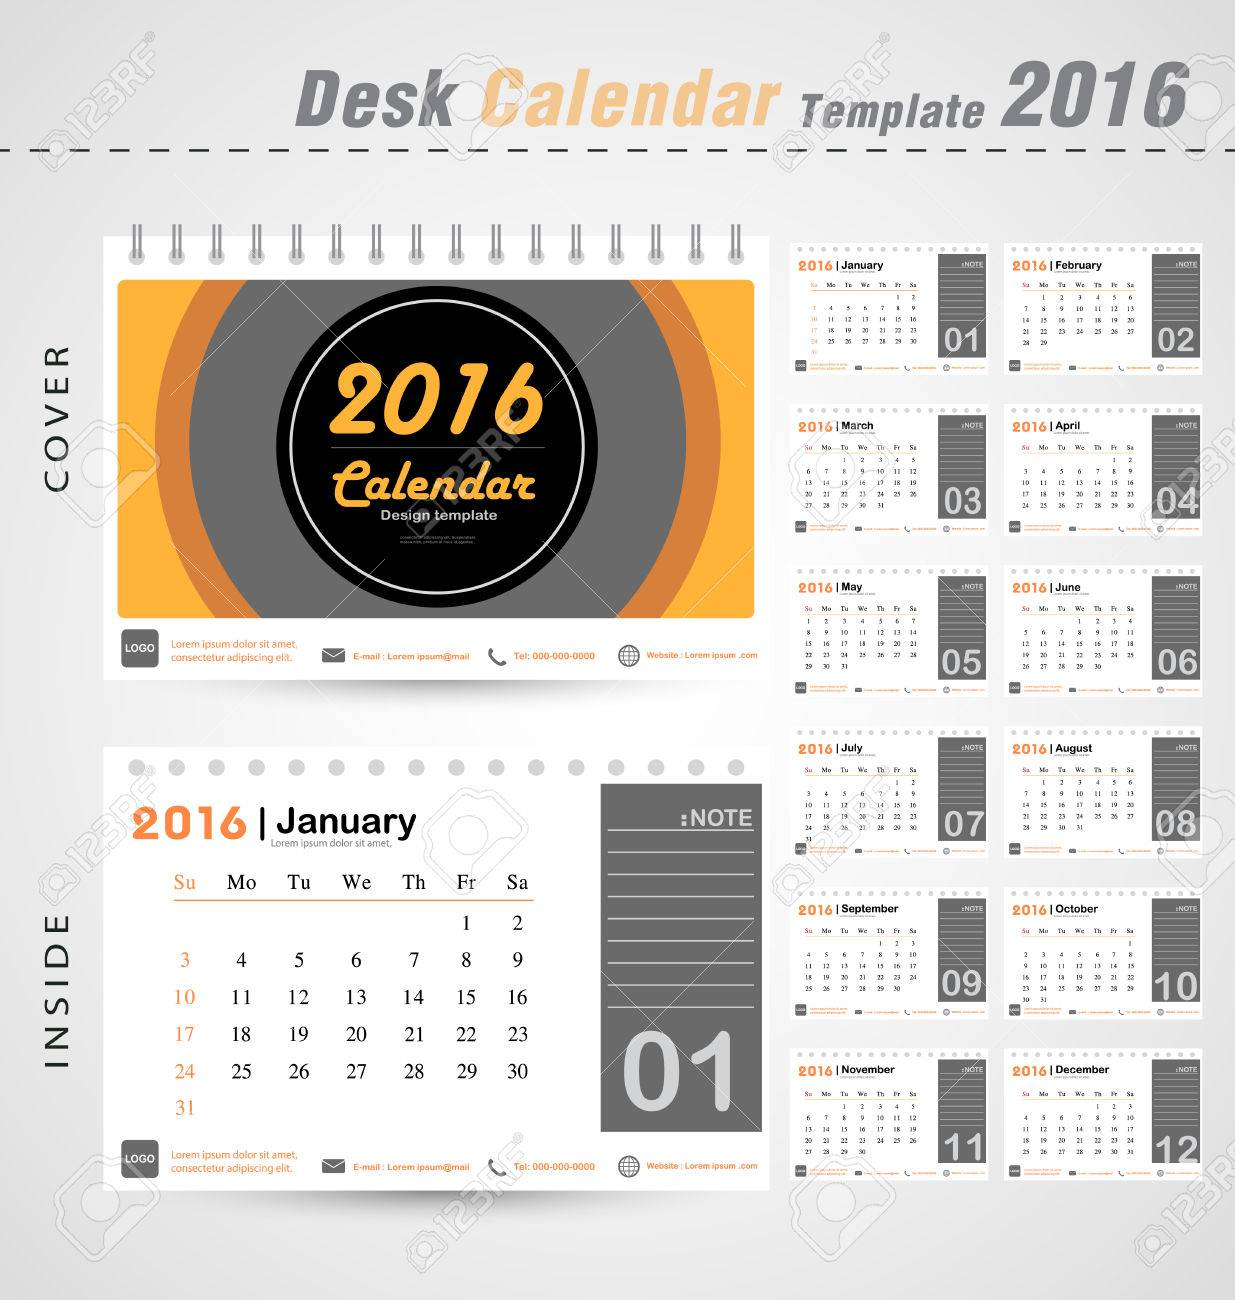 desk calendar 2016 vector modern circle design cover template